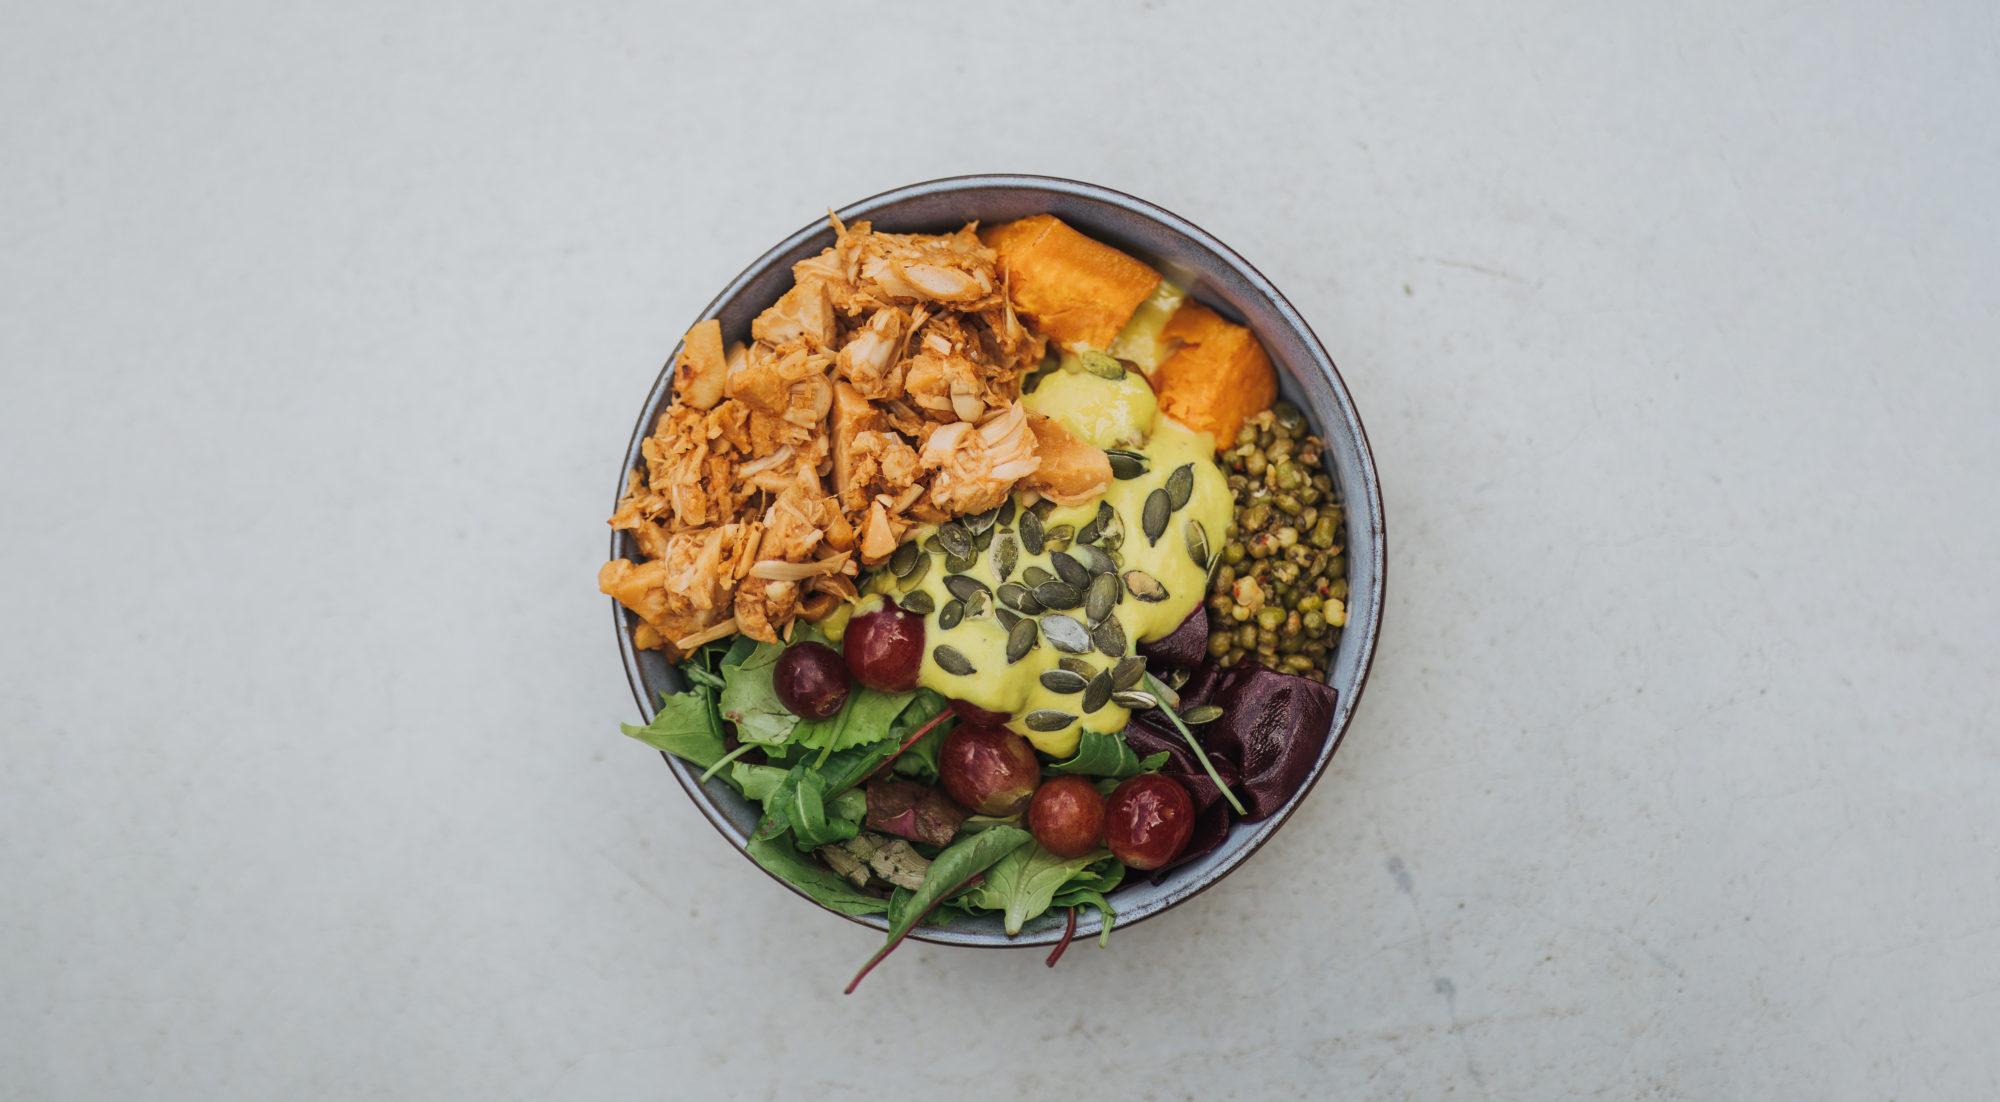 nude food vegan essen restaurant augsburg bowl salat gesund lecker bestellen liefern